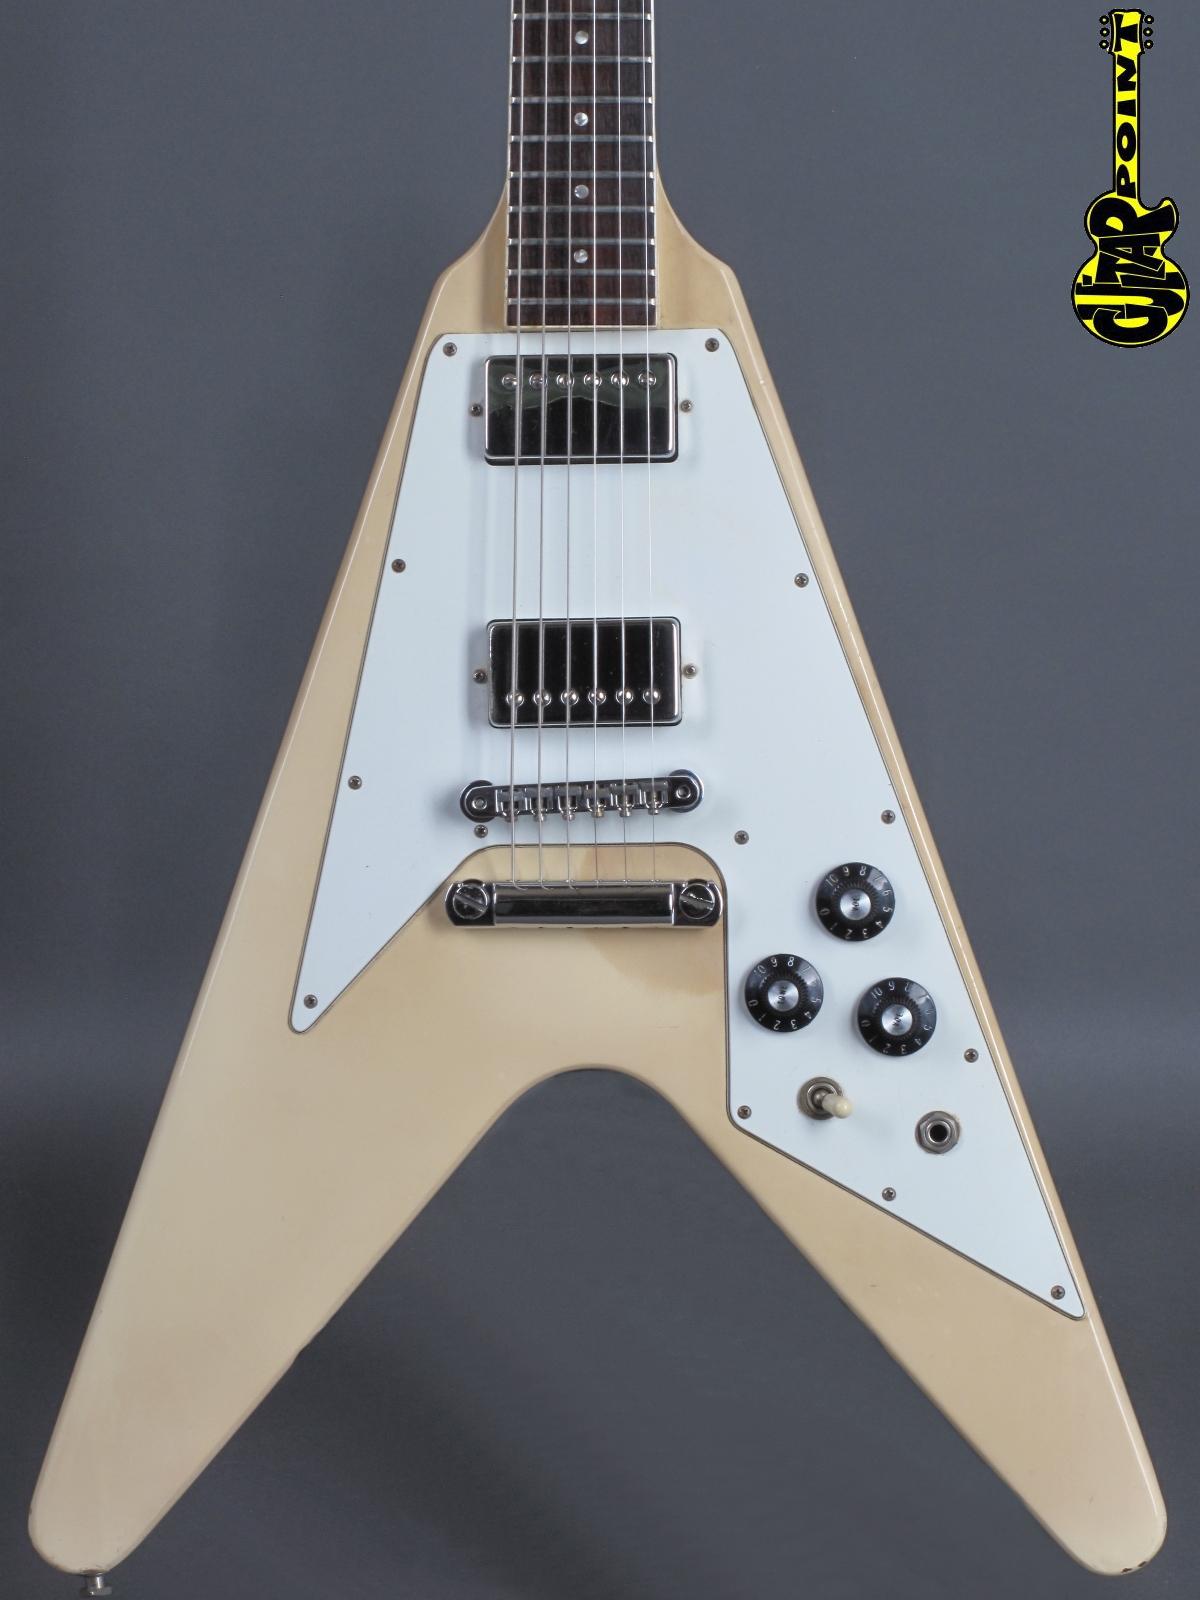 1981 Gibson Flying V - White